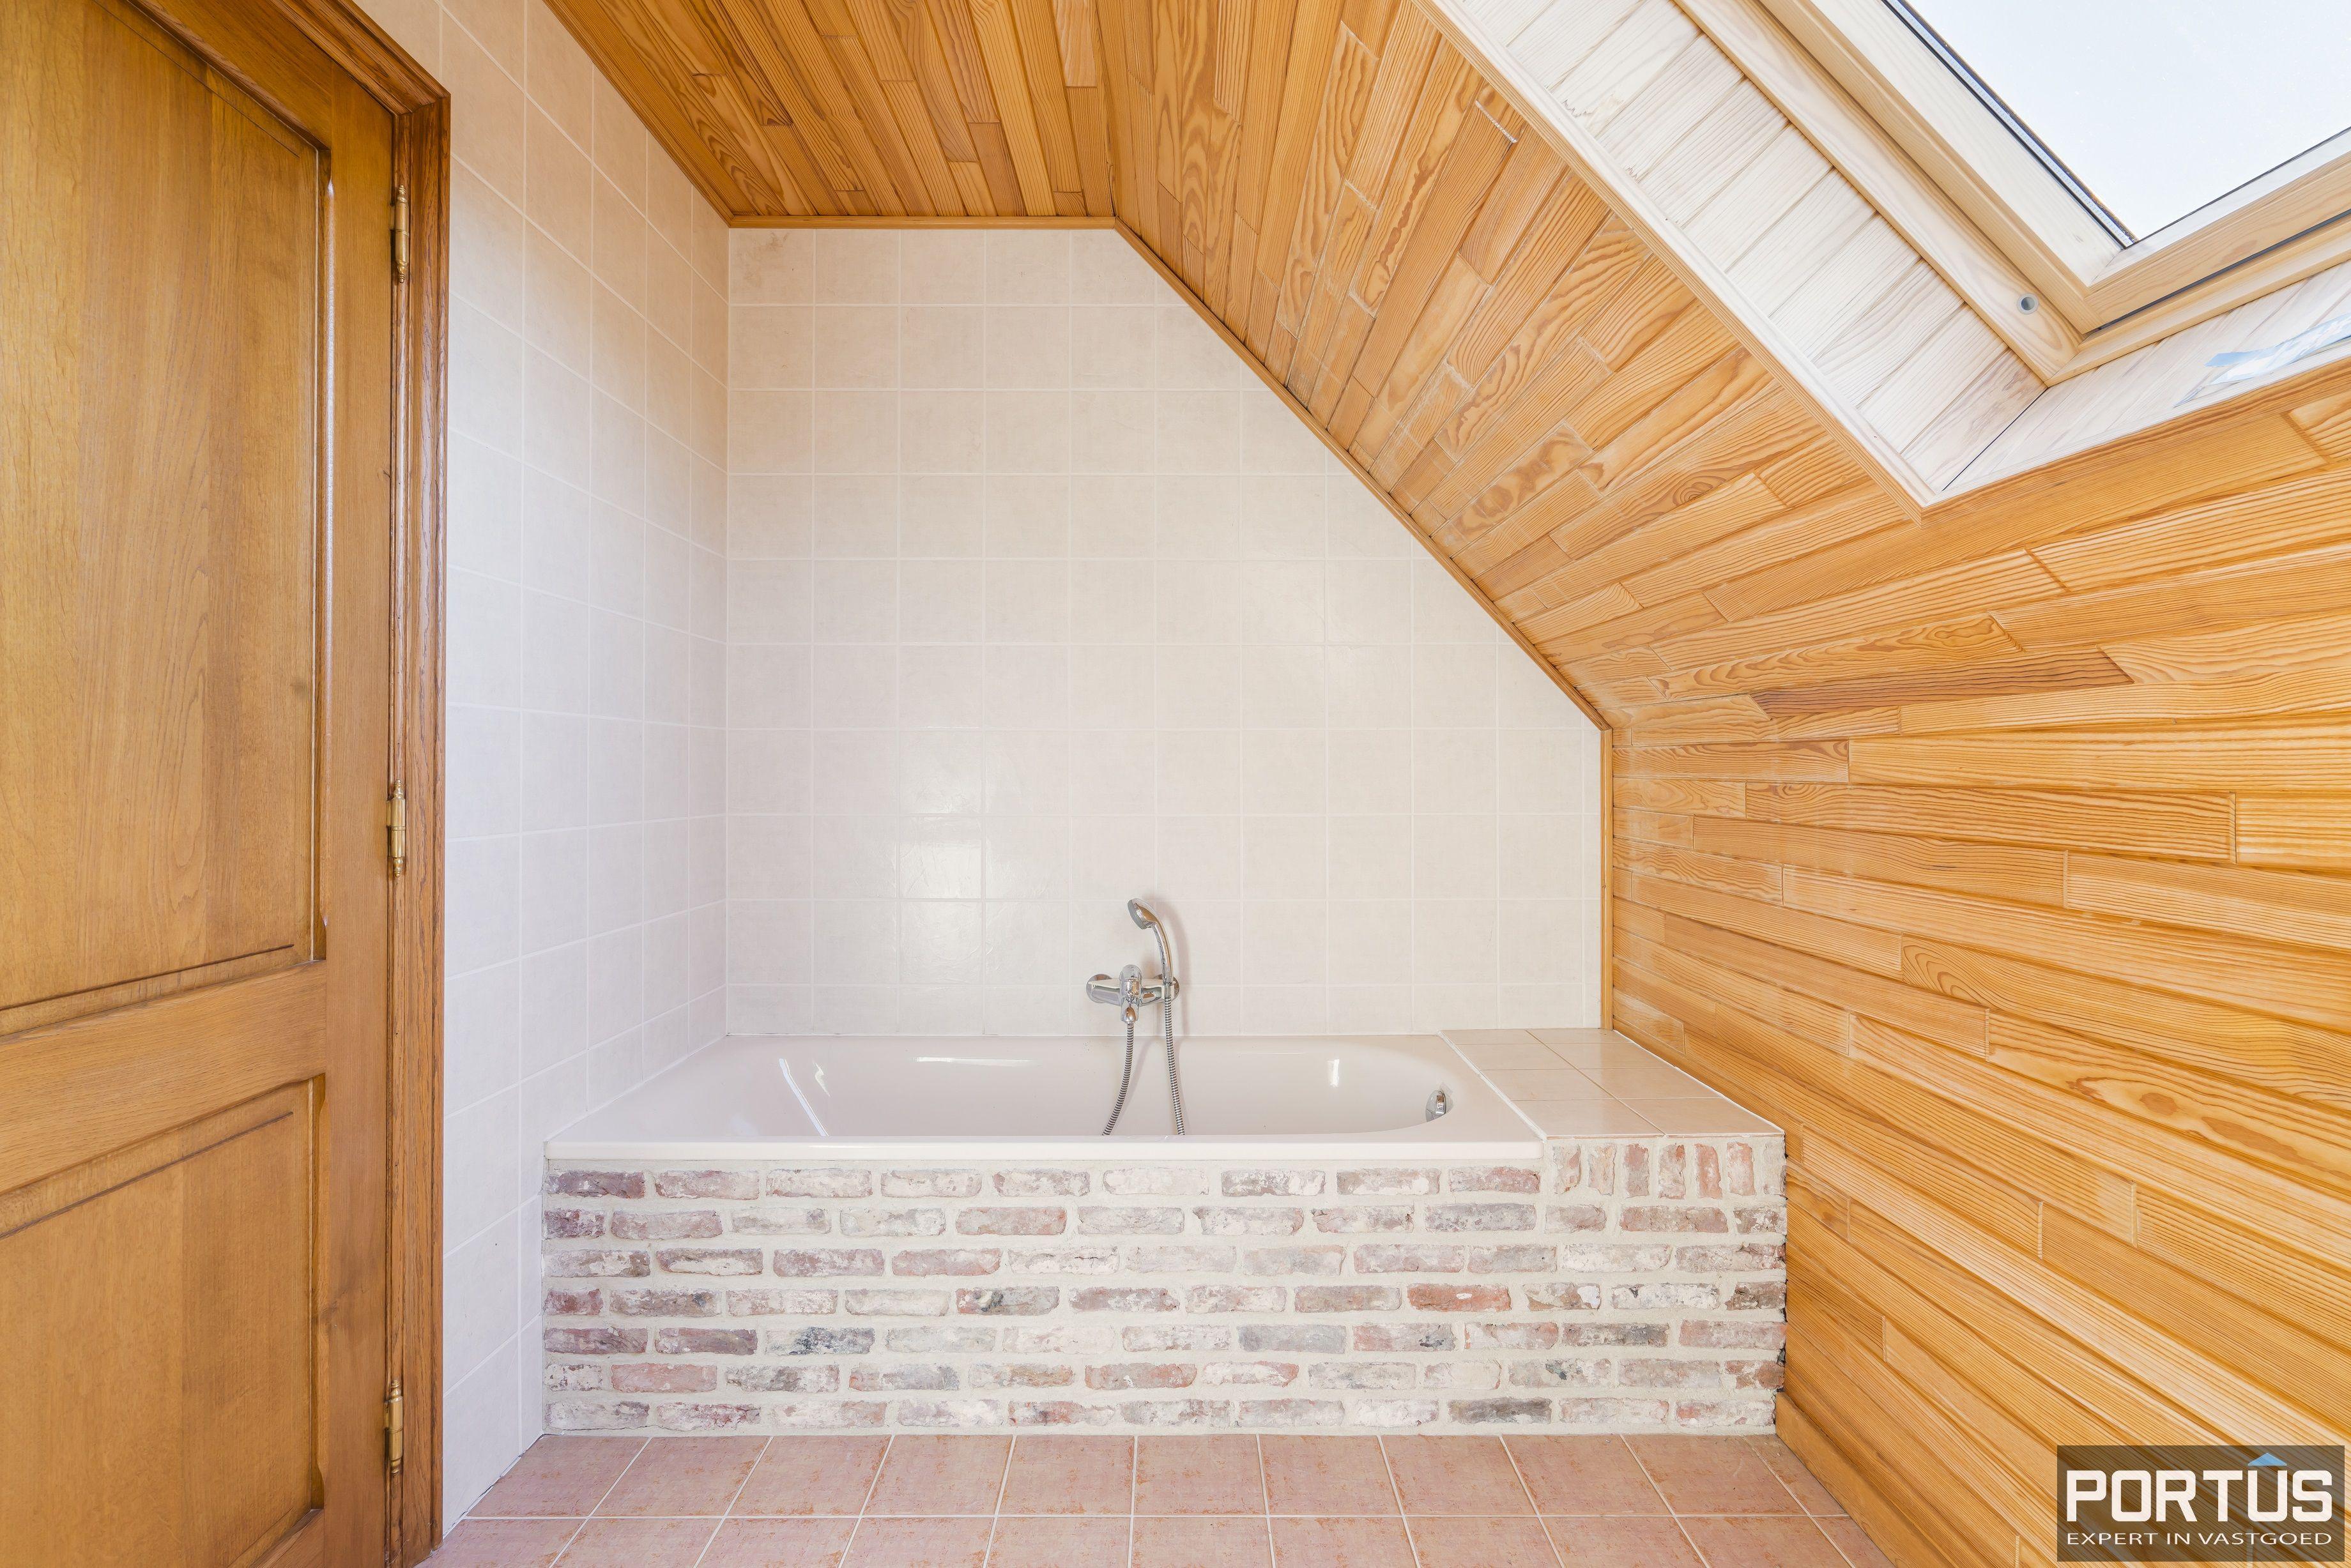 Woning te koop met 4 slaapkamers te Oostduinkerke - 12588